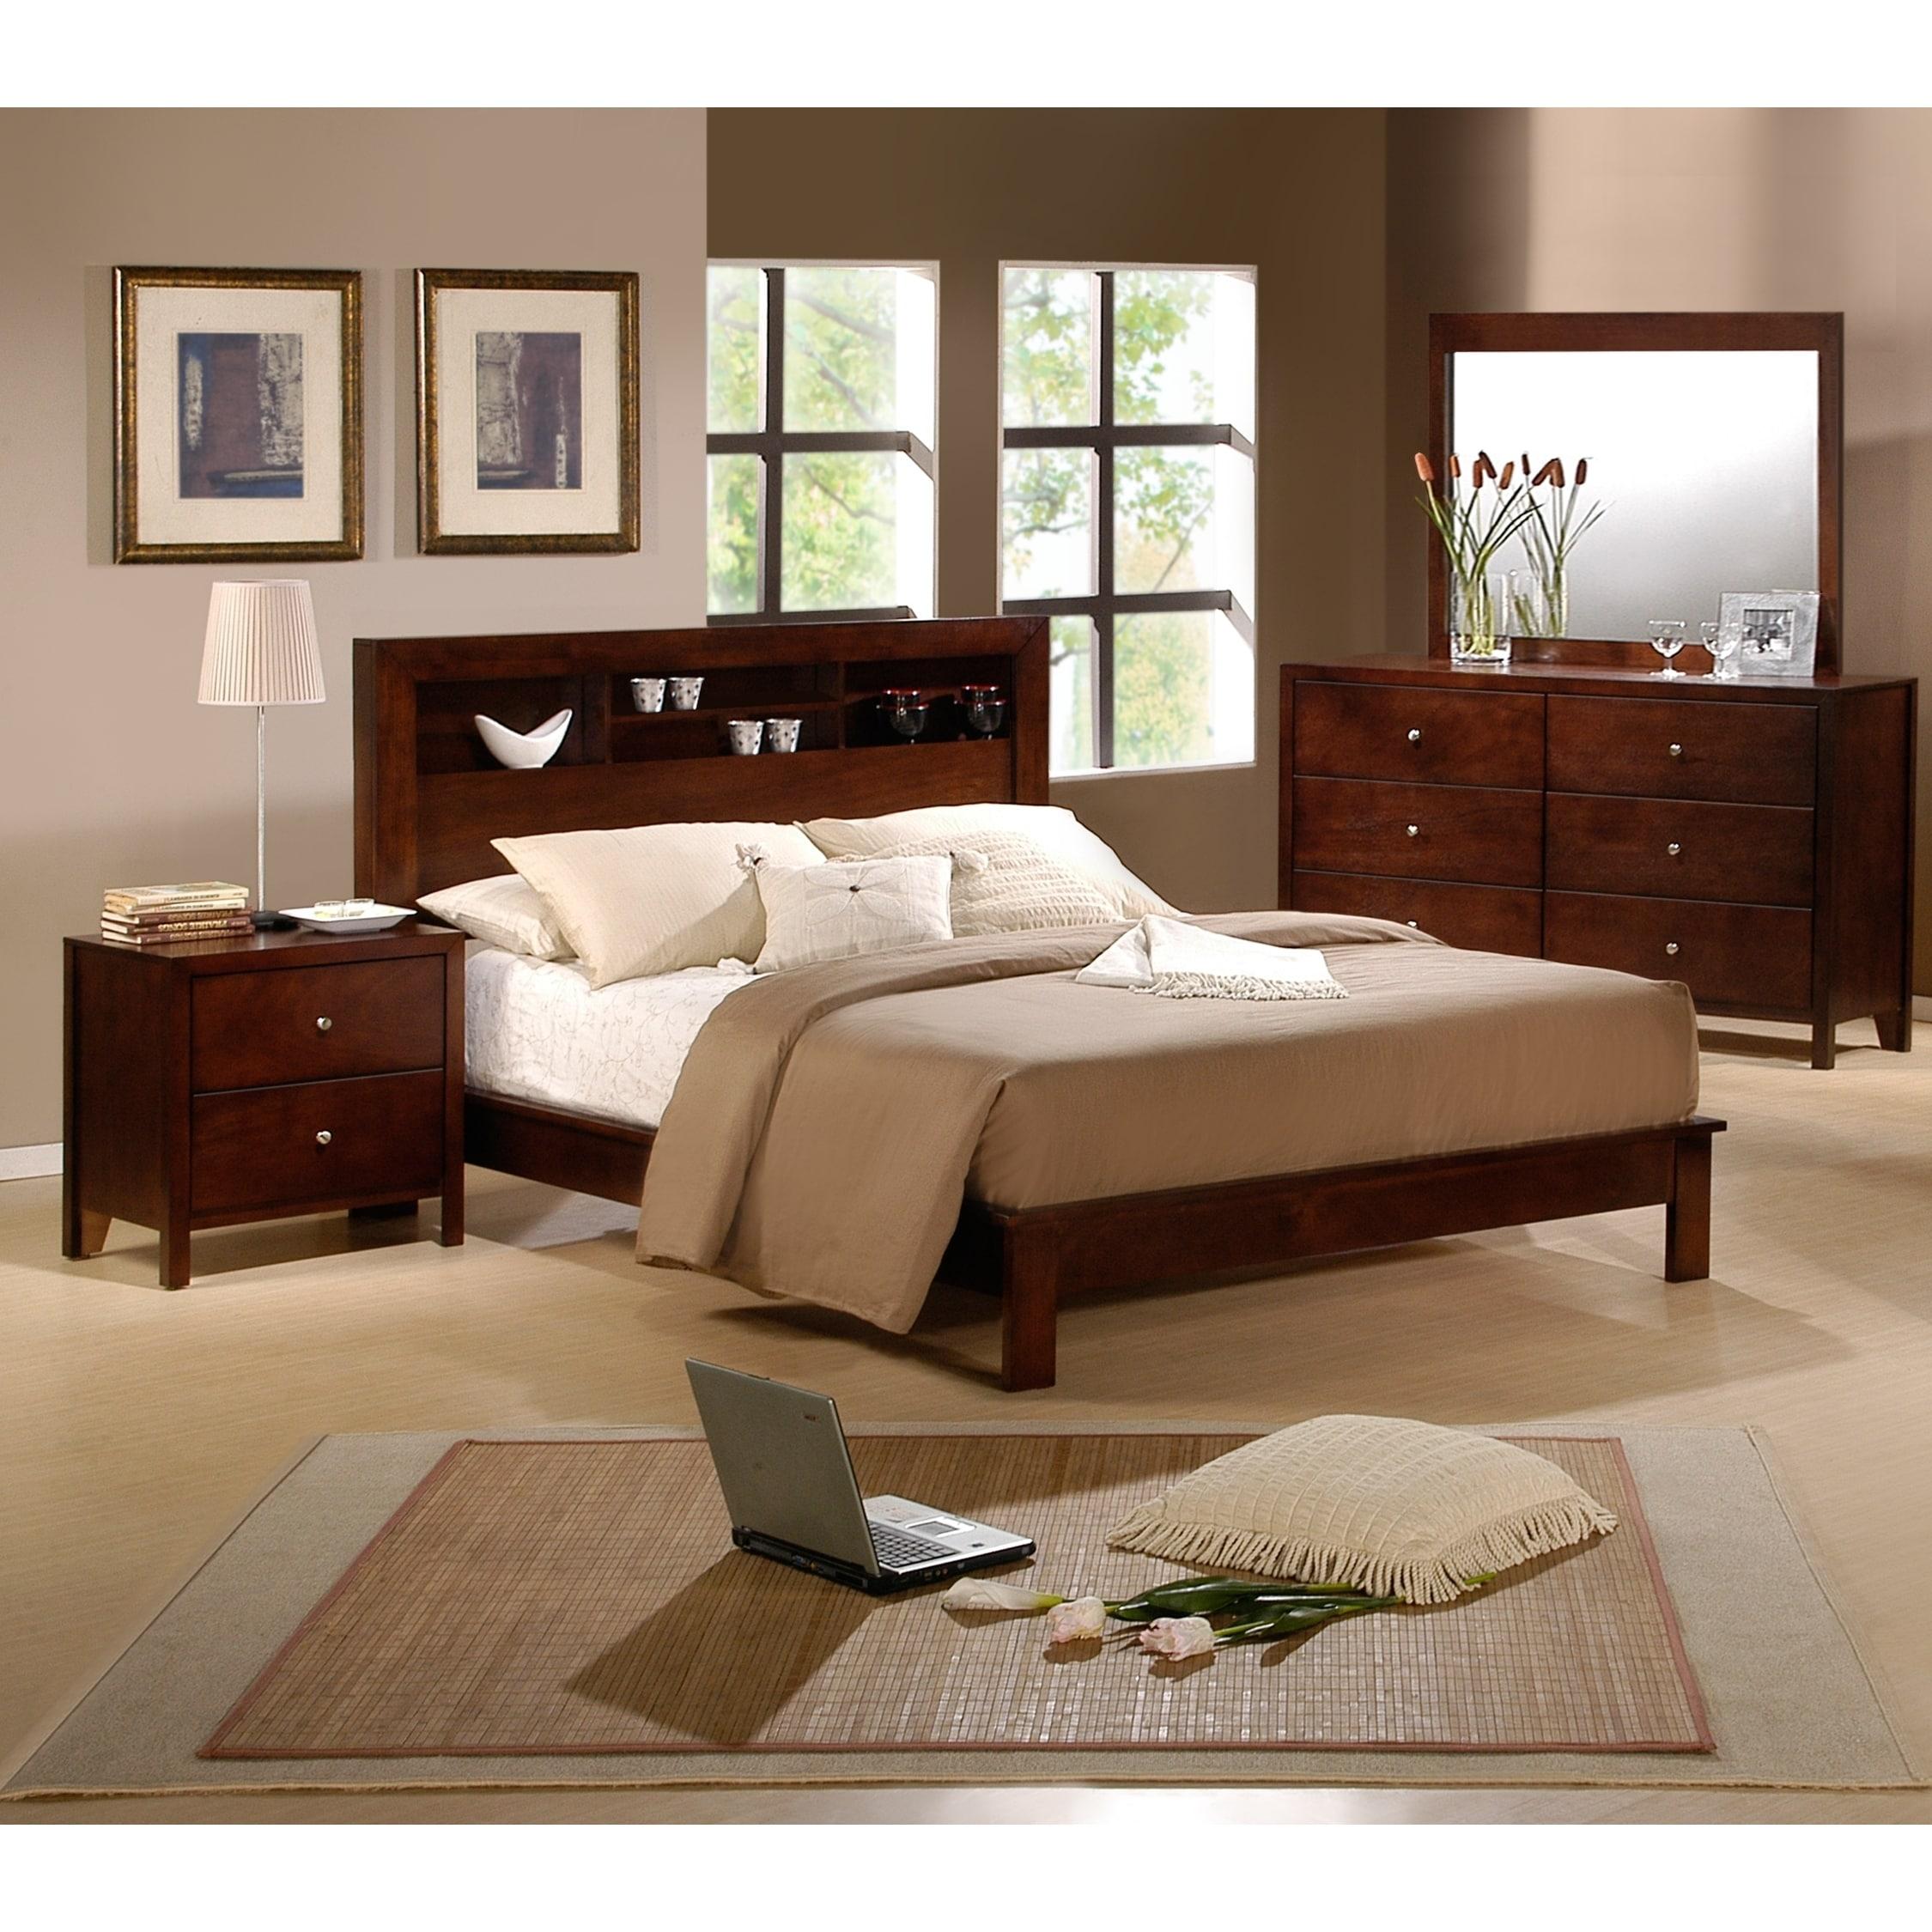 Sonata 4-Piece Queen-Size Bedroom Set